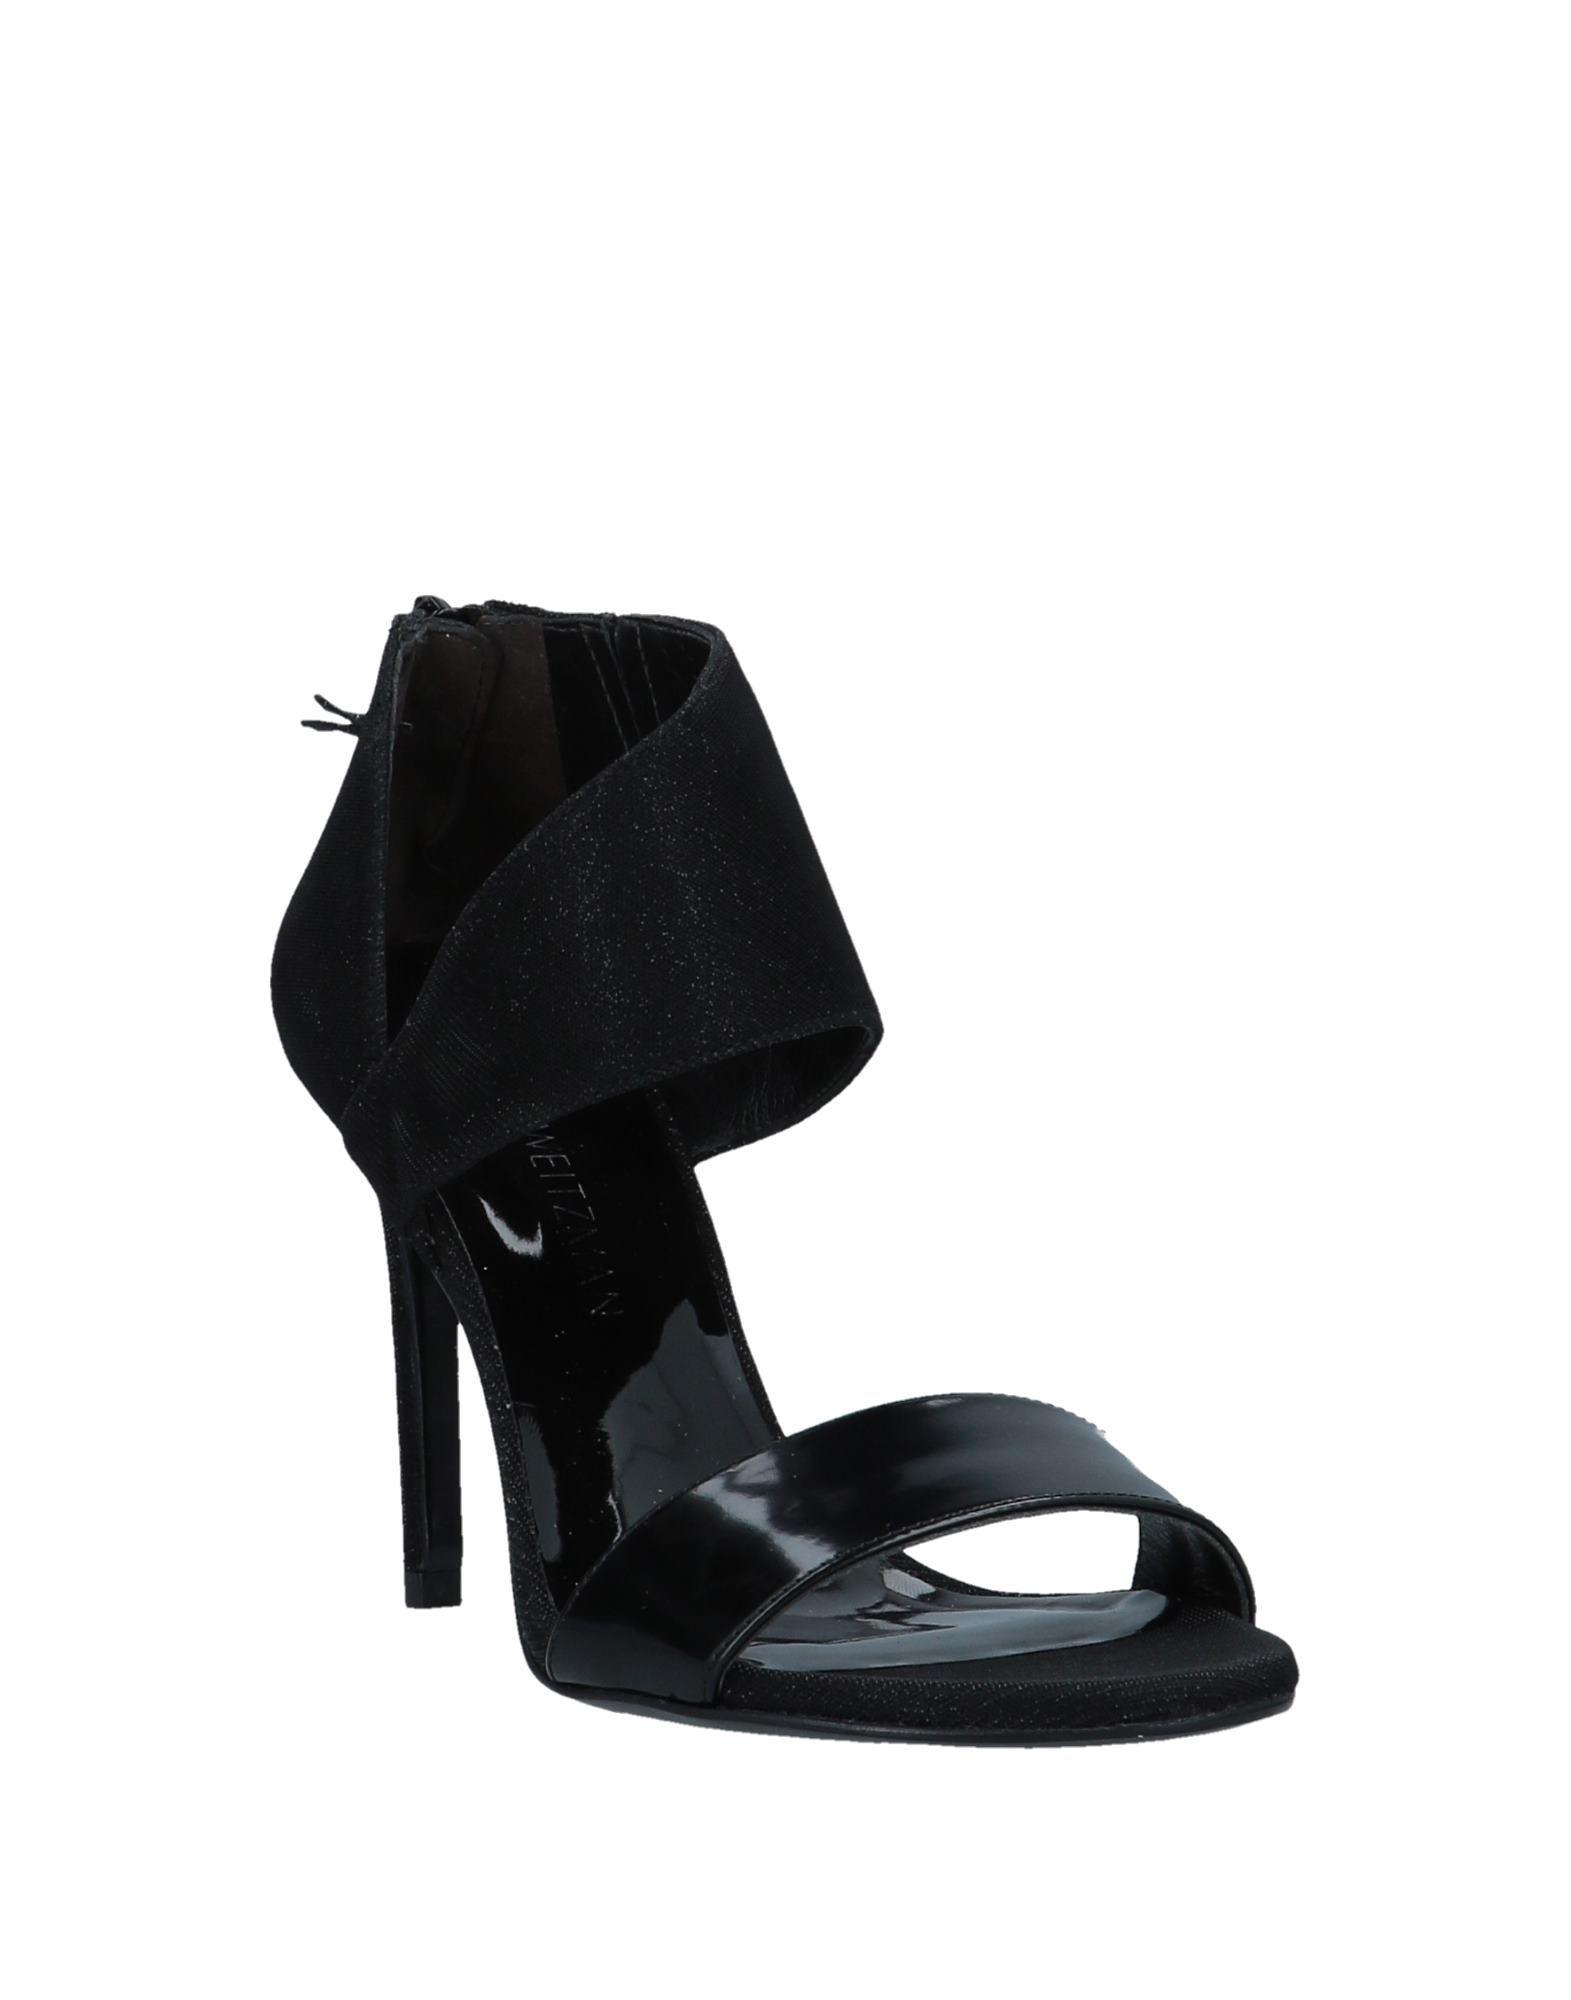 stuart weitzman sandales - femmes femmes femmes stuart weitzman sandales en ligne sur canada b3de8a